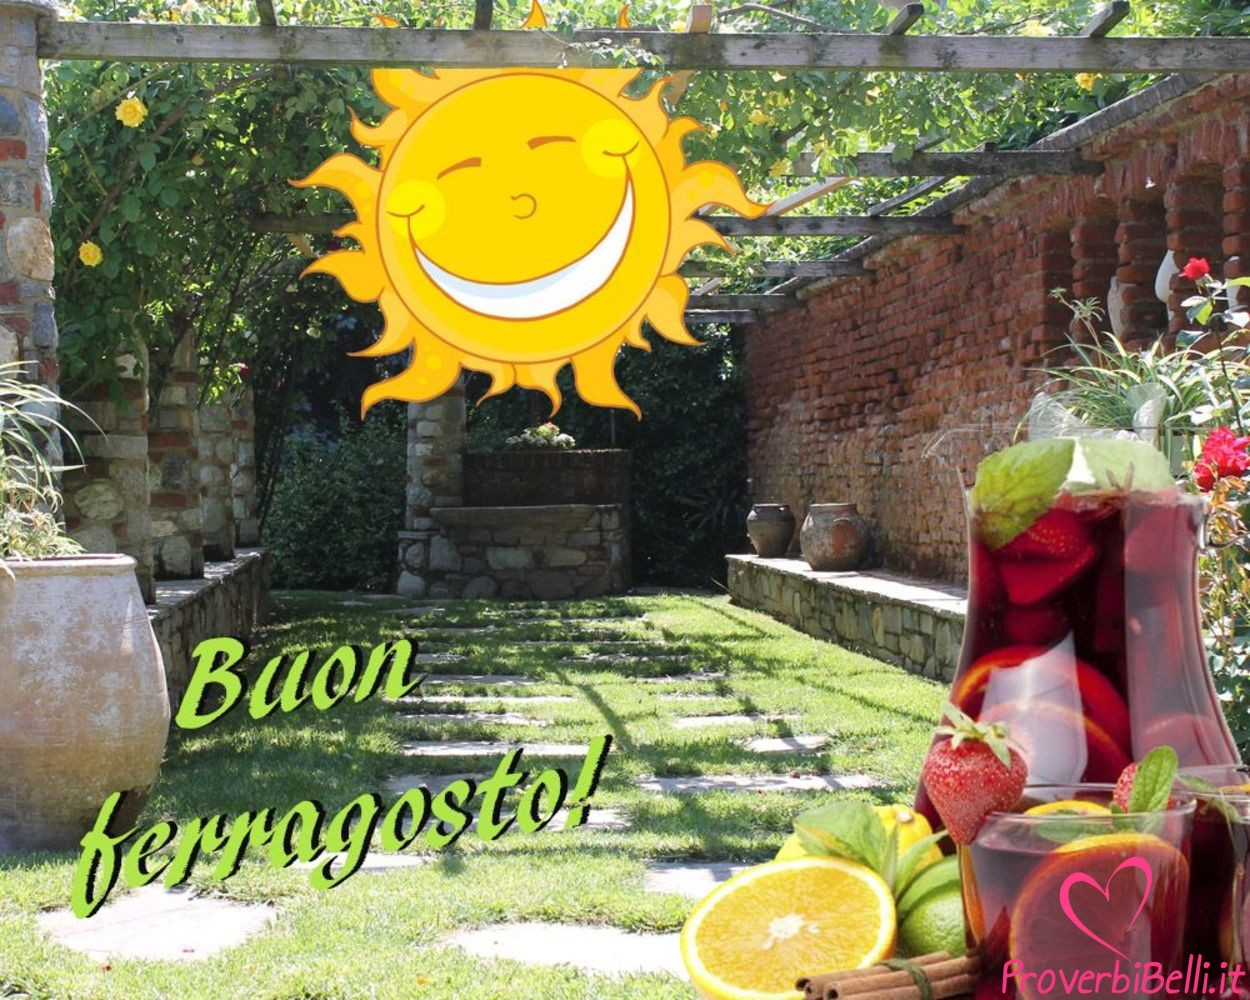 Ferragosto-Immagini-Whatsapp-Belle-54